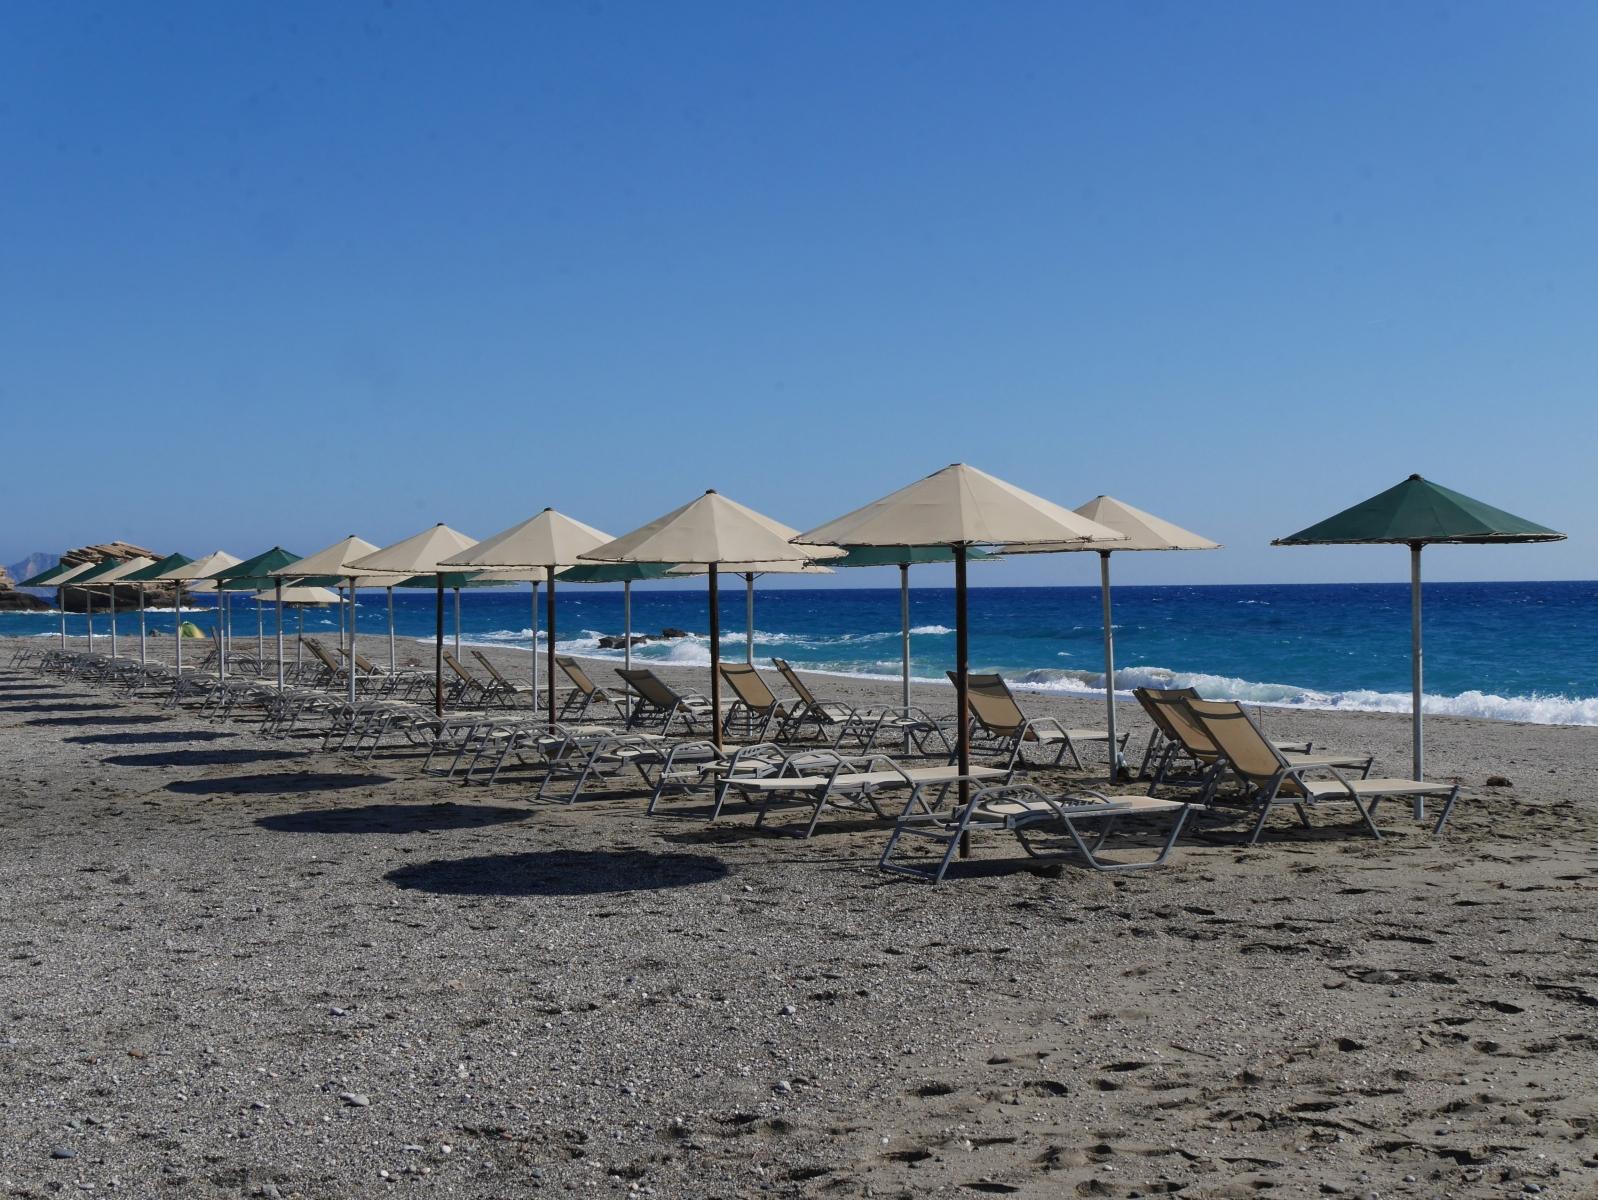 Sommer, Sonne Strand und Meer - ganau das, was ein jeder sich von einem Griechenlandurlaub erwartet.